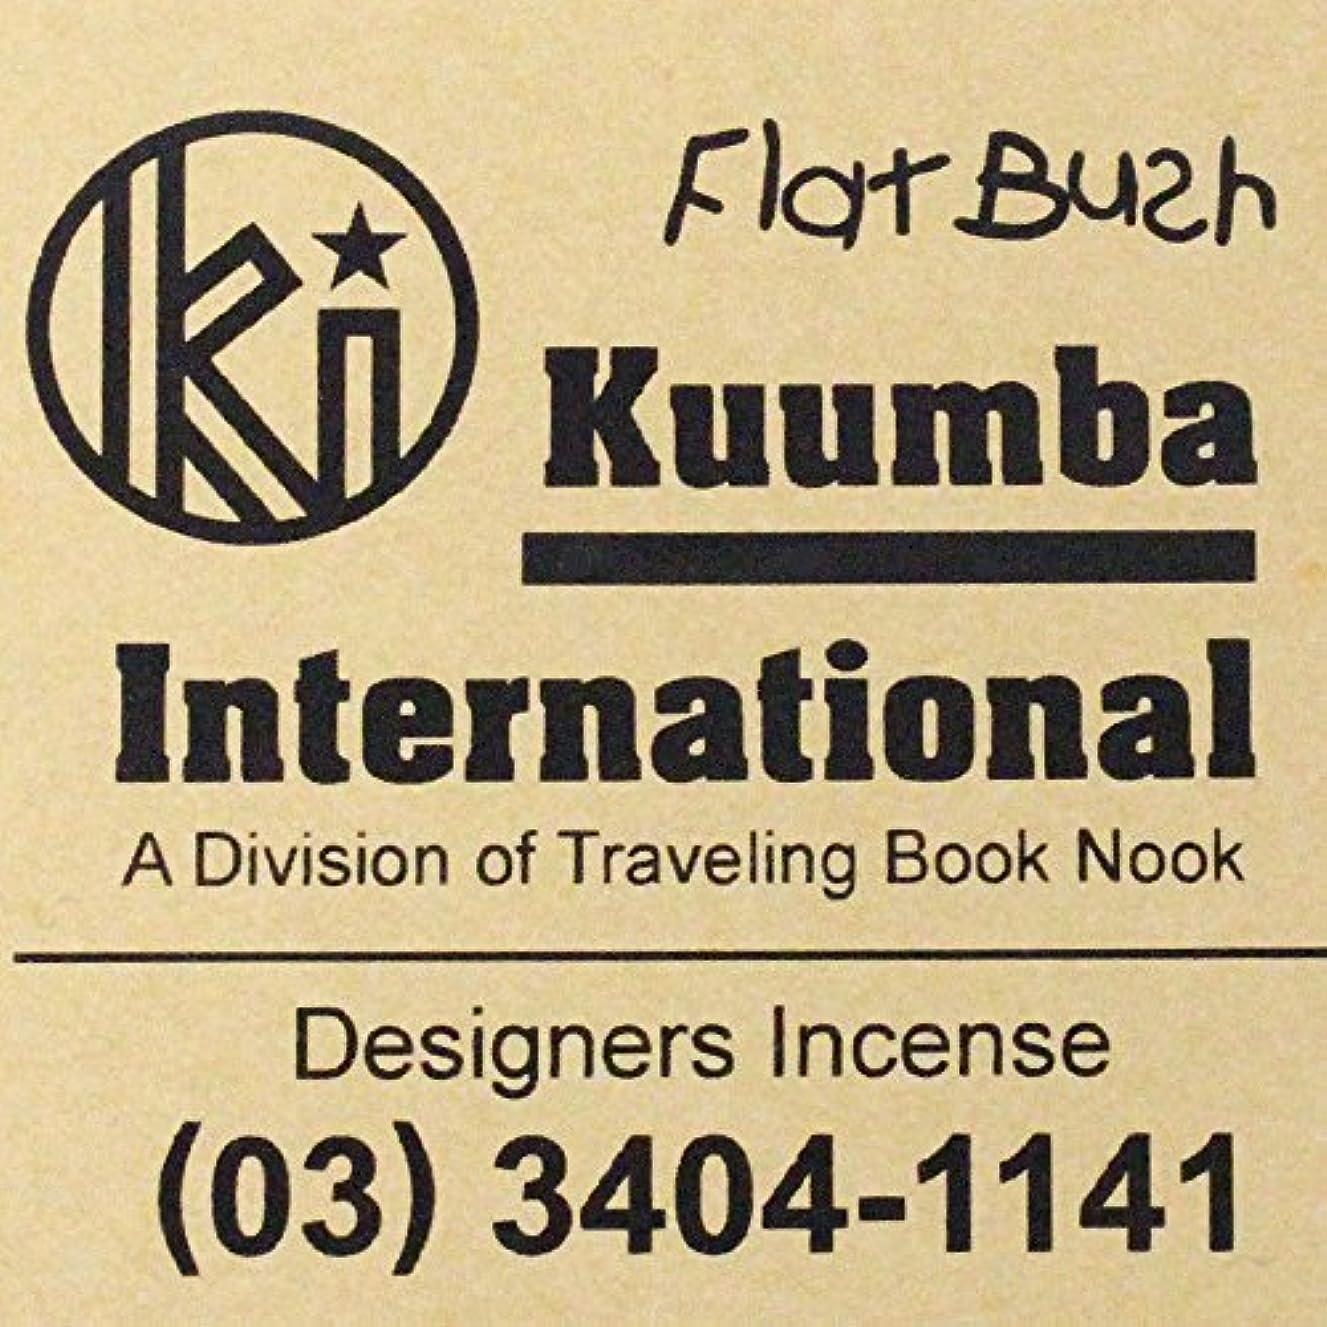 フェロー諸島ダメージかろうじて(クンバ) KUUMBA『incense』(Flat Bush) (Regular size)